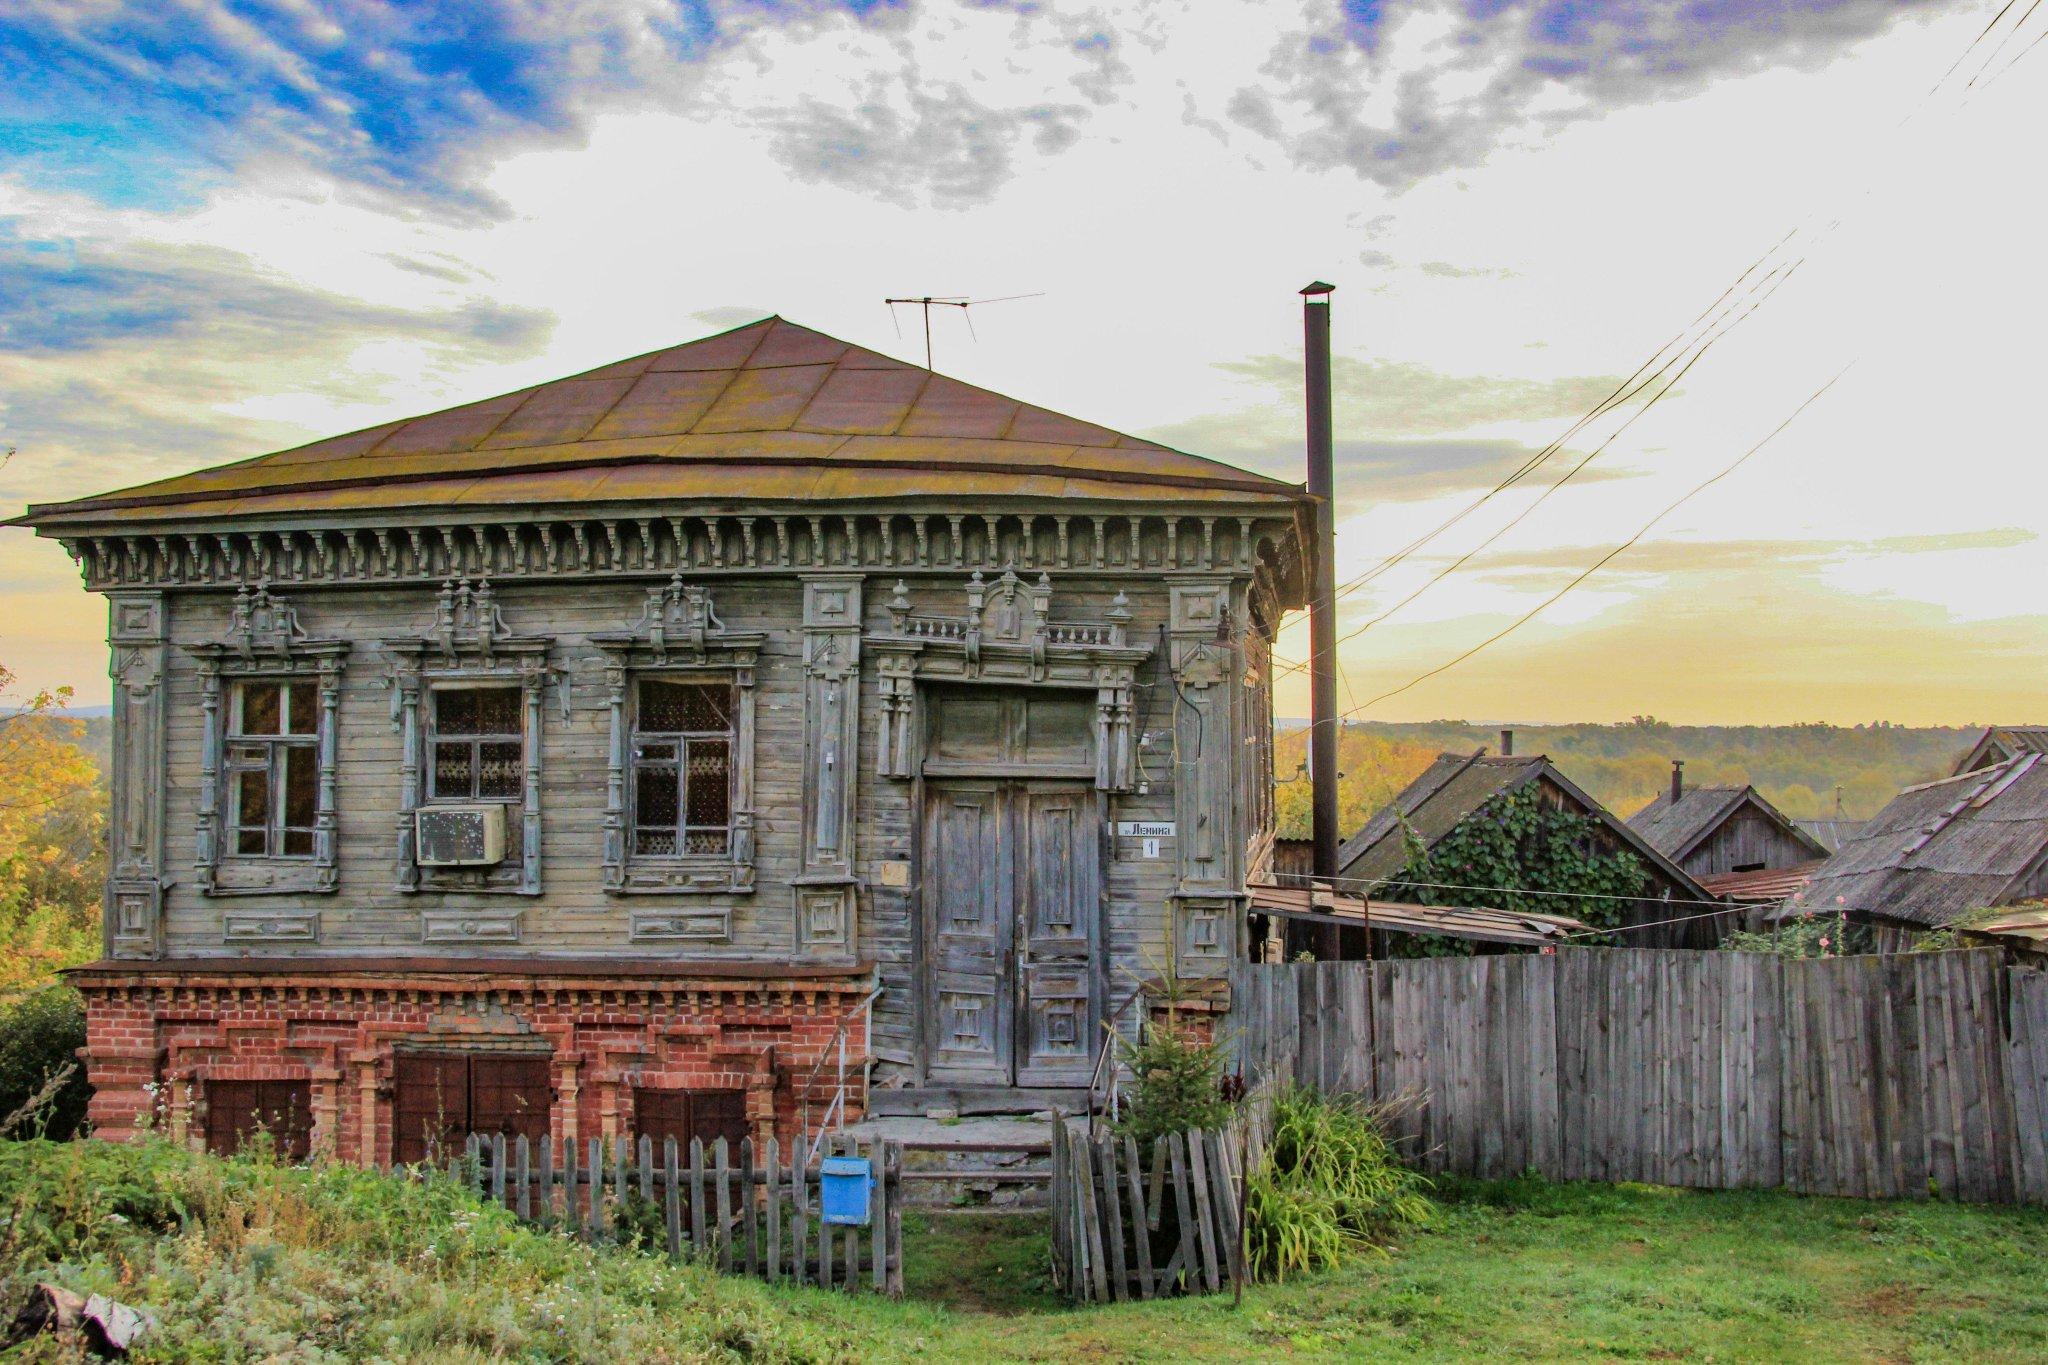 Село старое зеленое ульяновской области фото